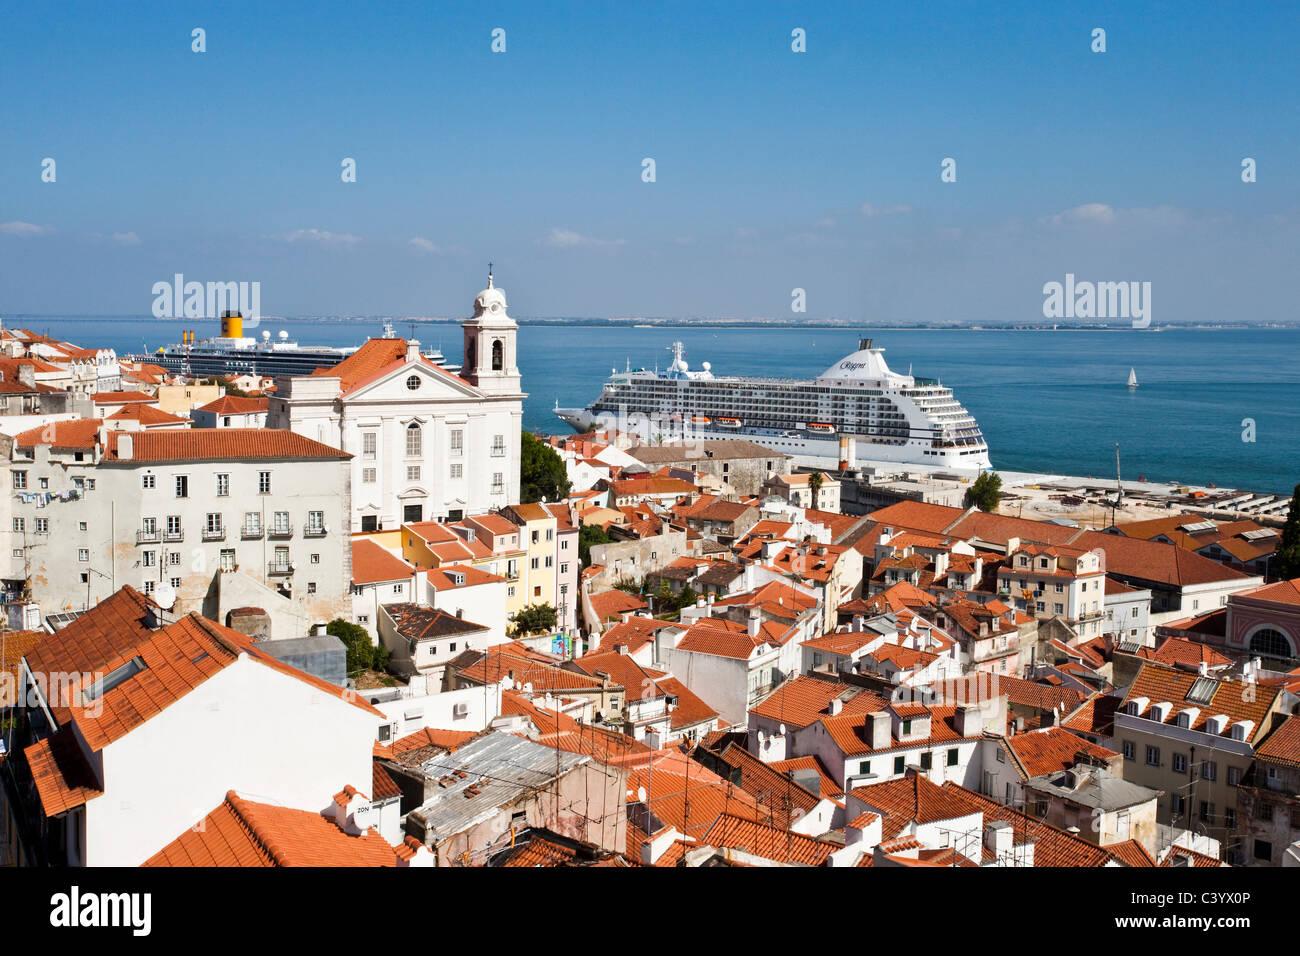 Il Portogallo, Europa, Lisbona, Alfama, Città Vecchia, tetti, mare, navi Foto Stock